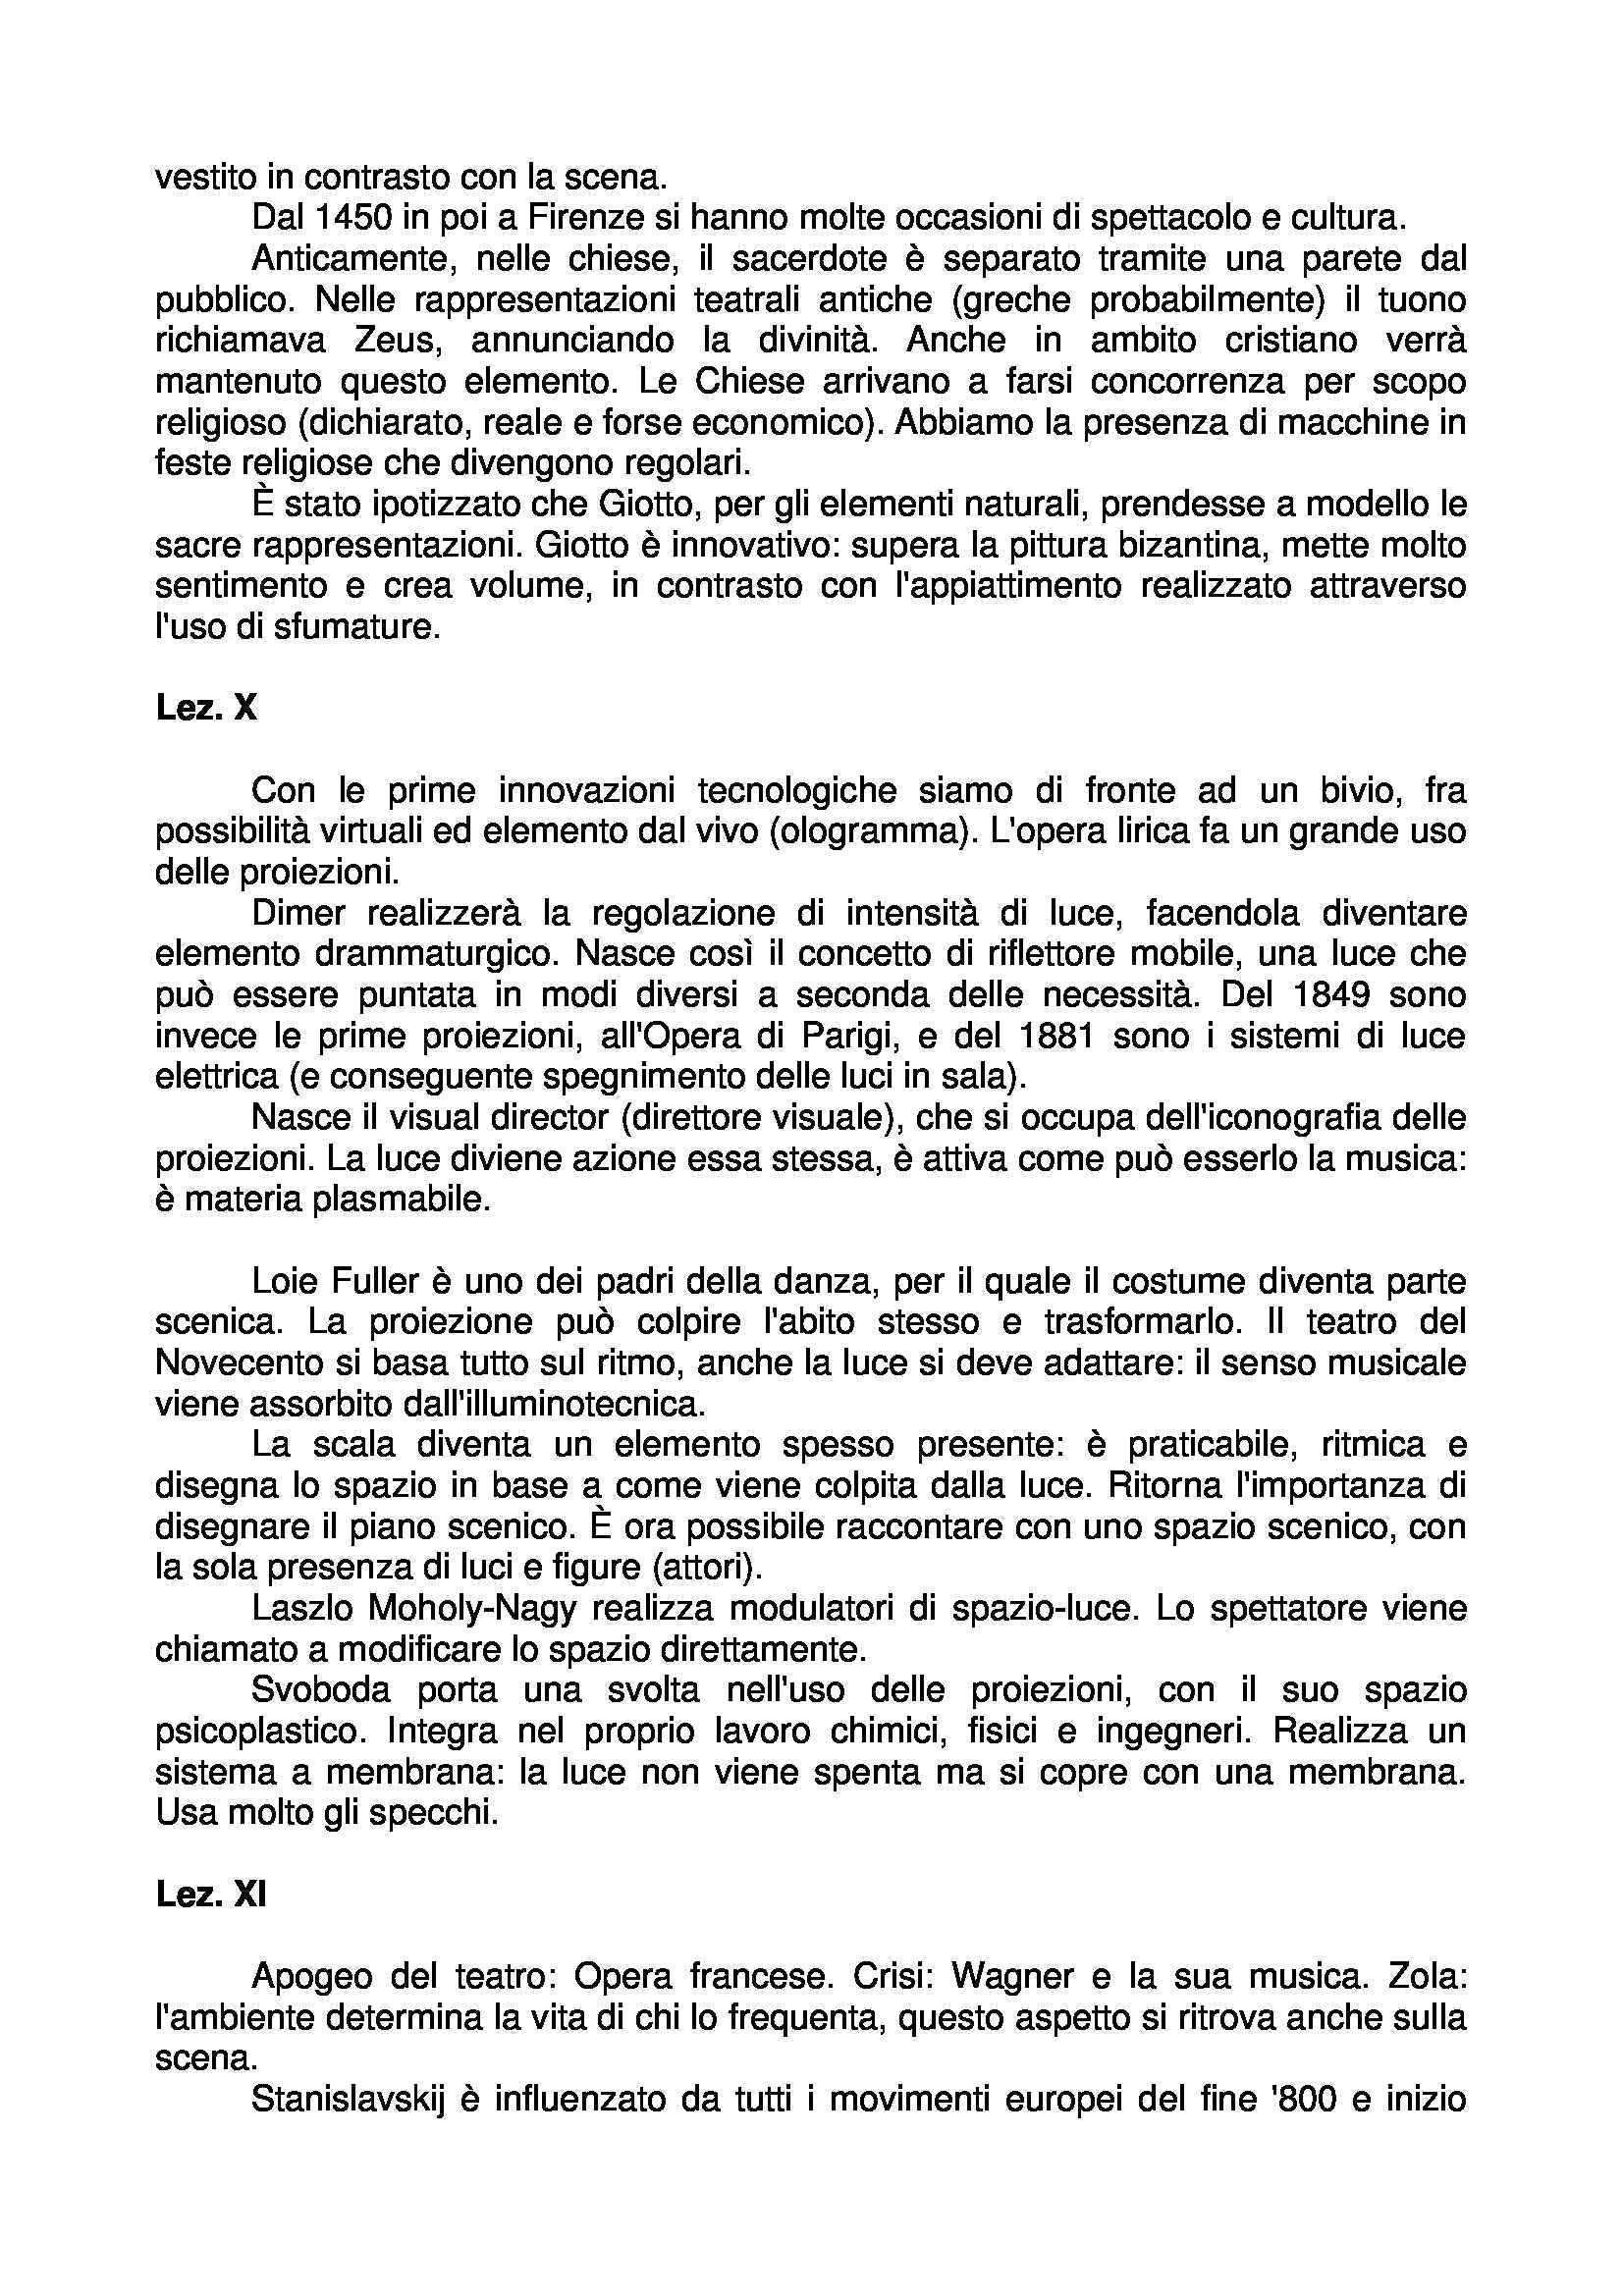 Scenografia: Elementi, Teoria, Storia - Appunti Pag. 6